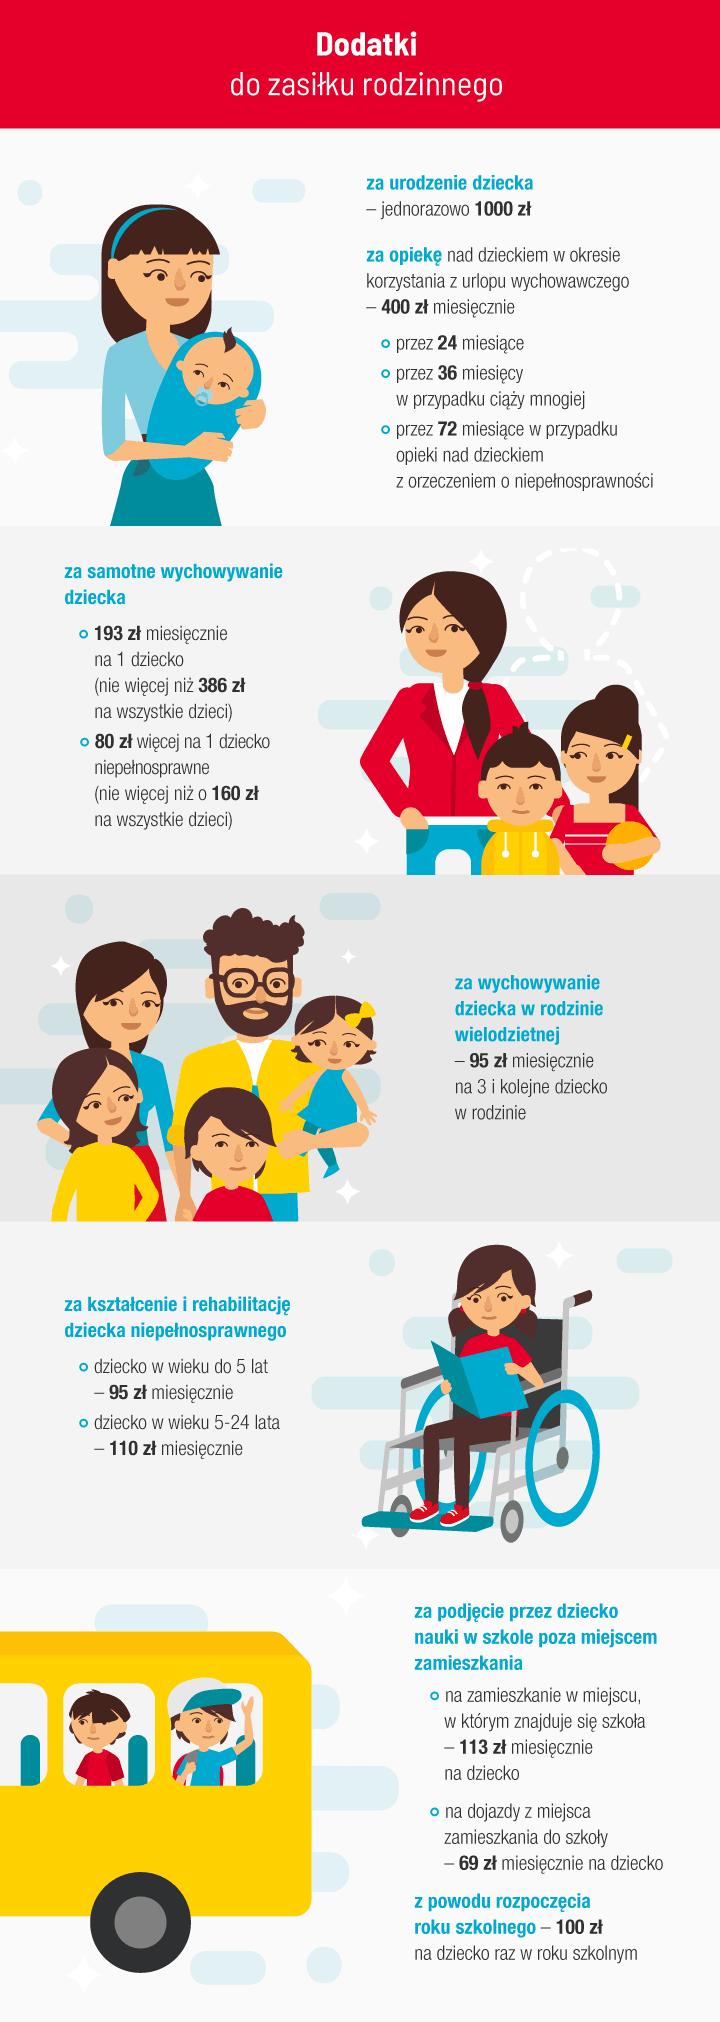 zasilek-rodzinny-infografika.png (82 KB)